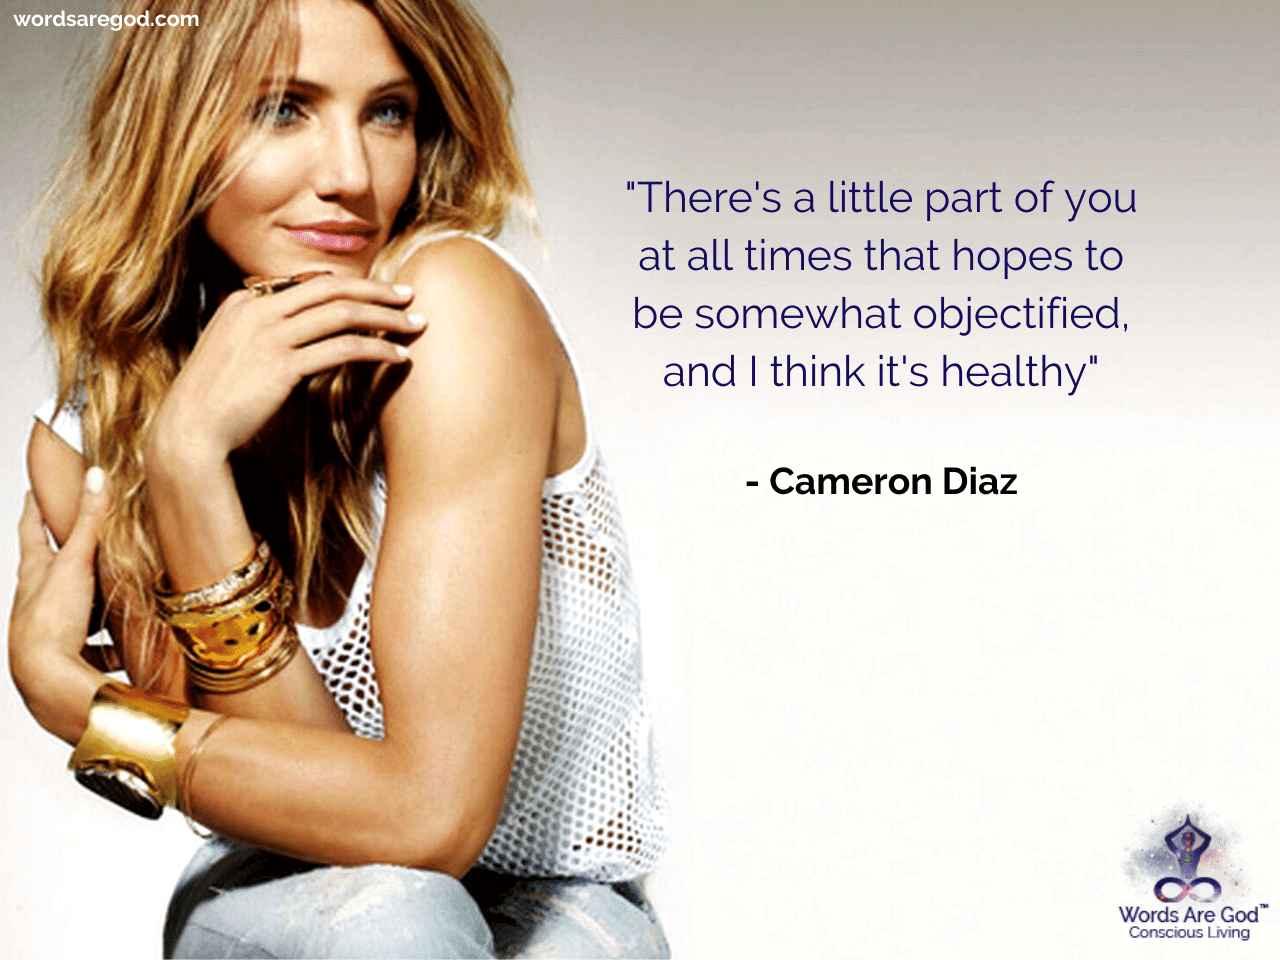 Cameron Diaz Romantic Quote